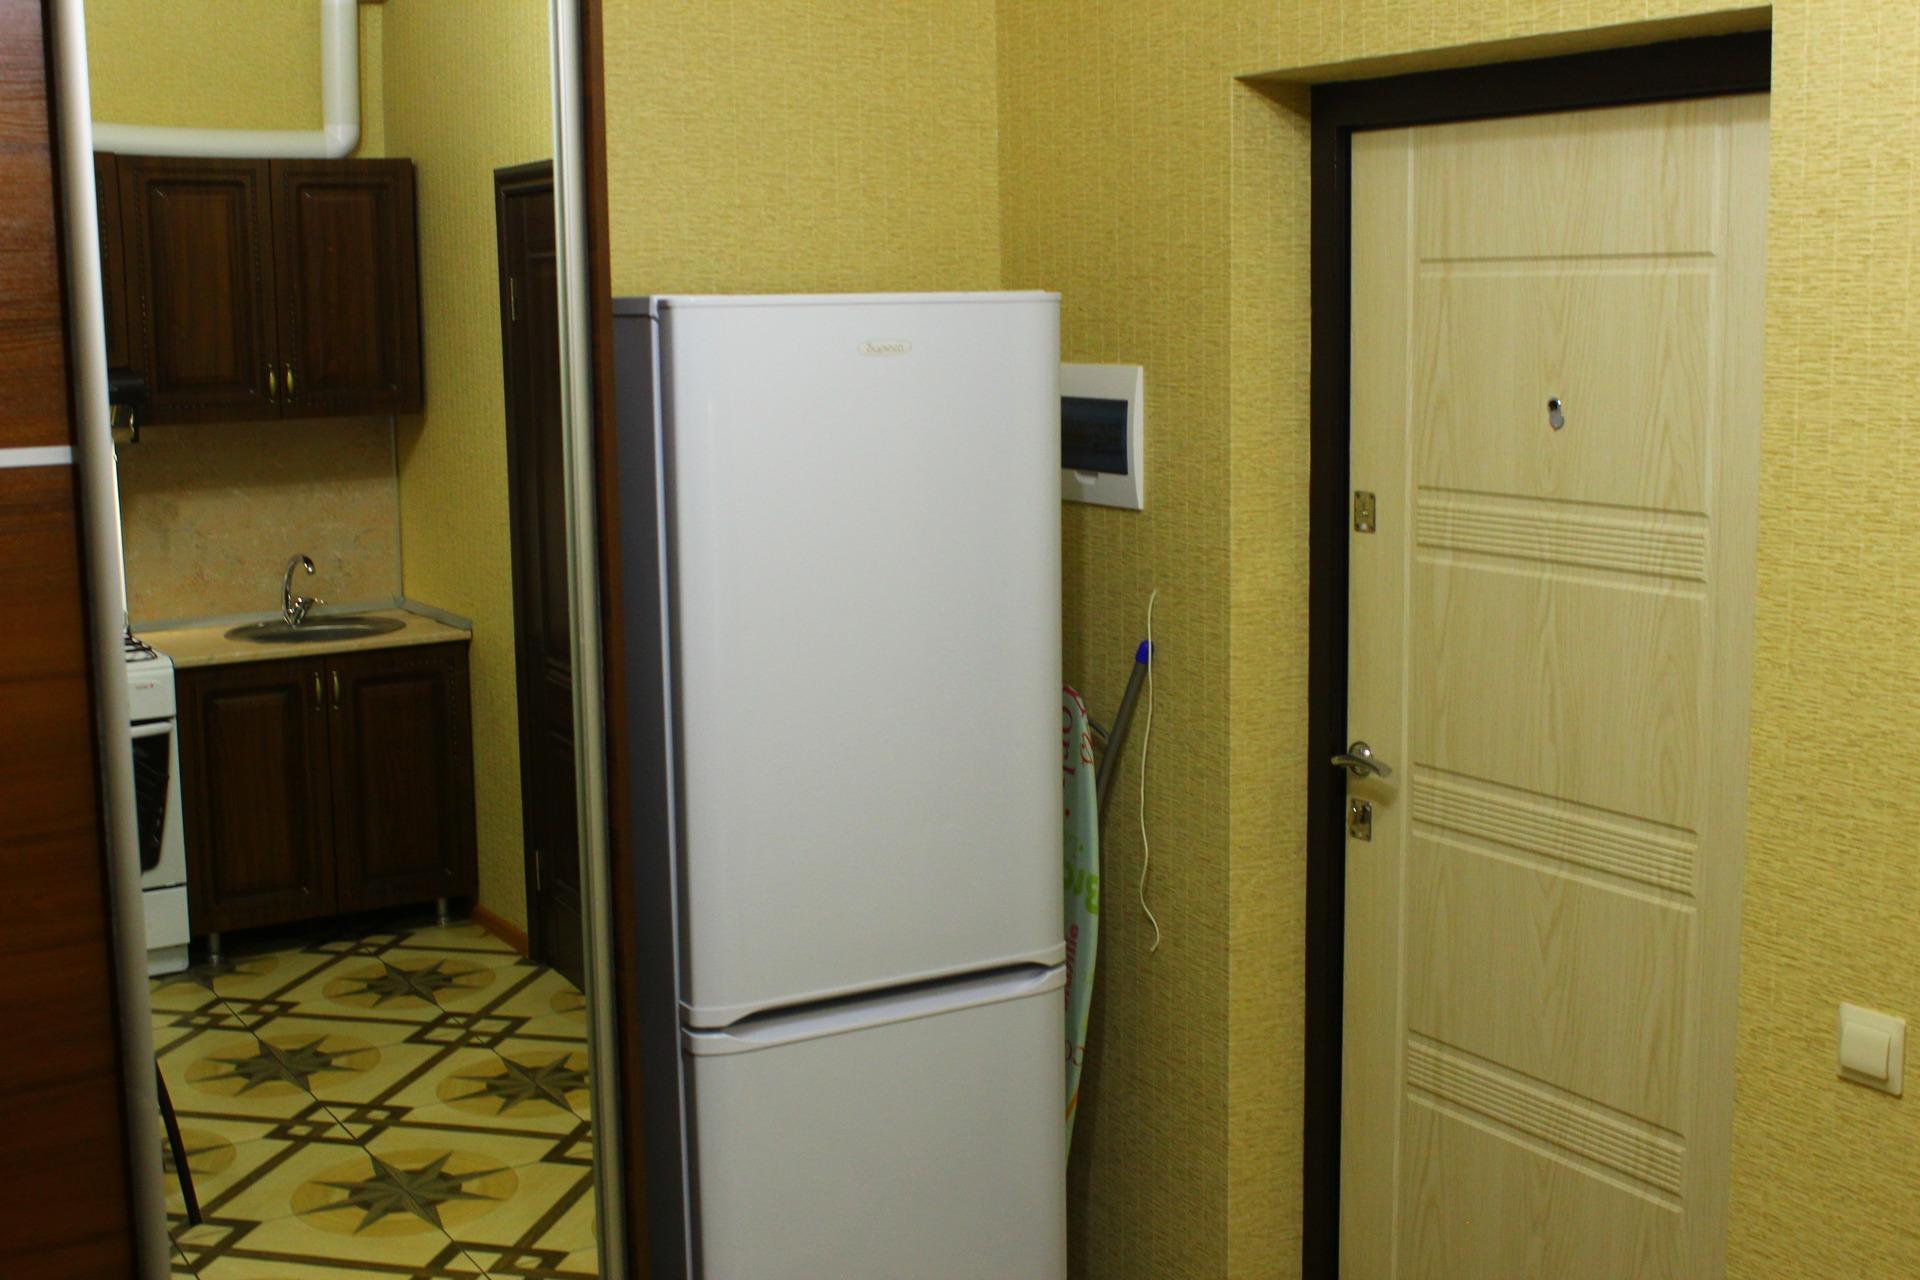 Как спрятать холодильник в прихожей фото